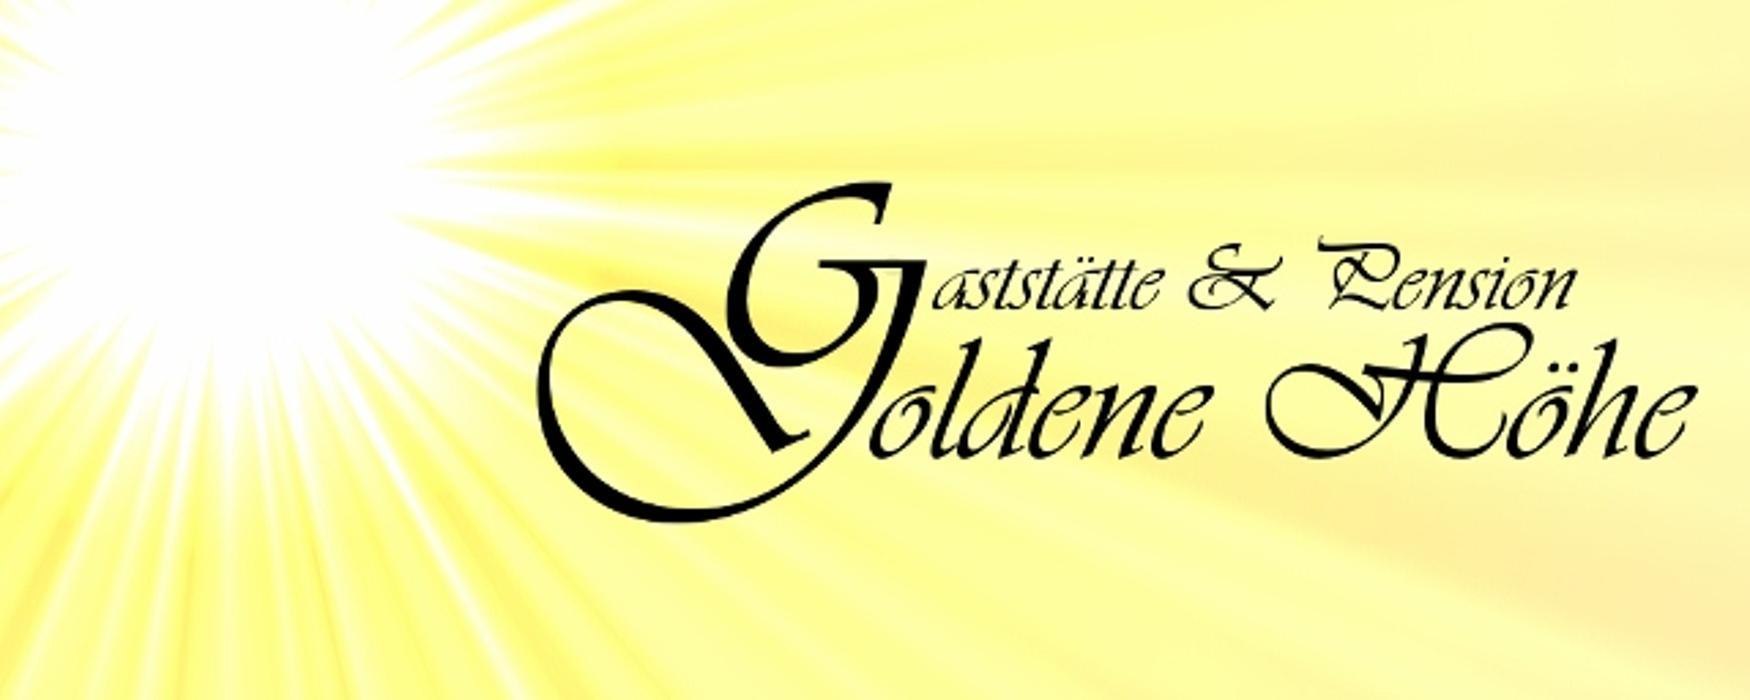 Gaststätte & Pension Goldene Höhe